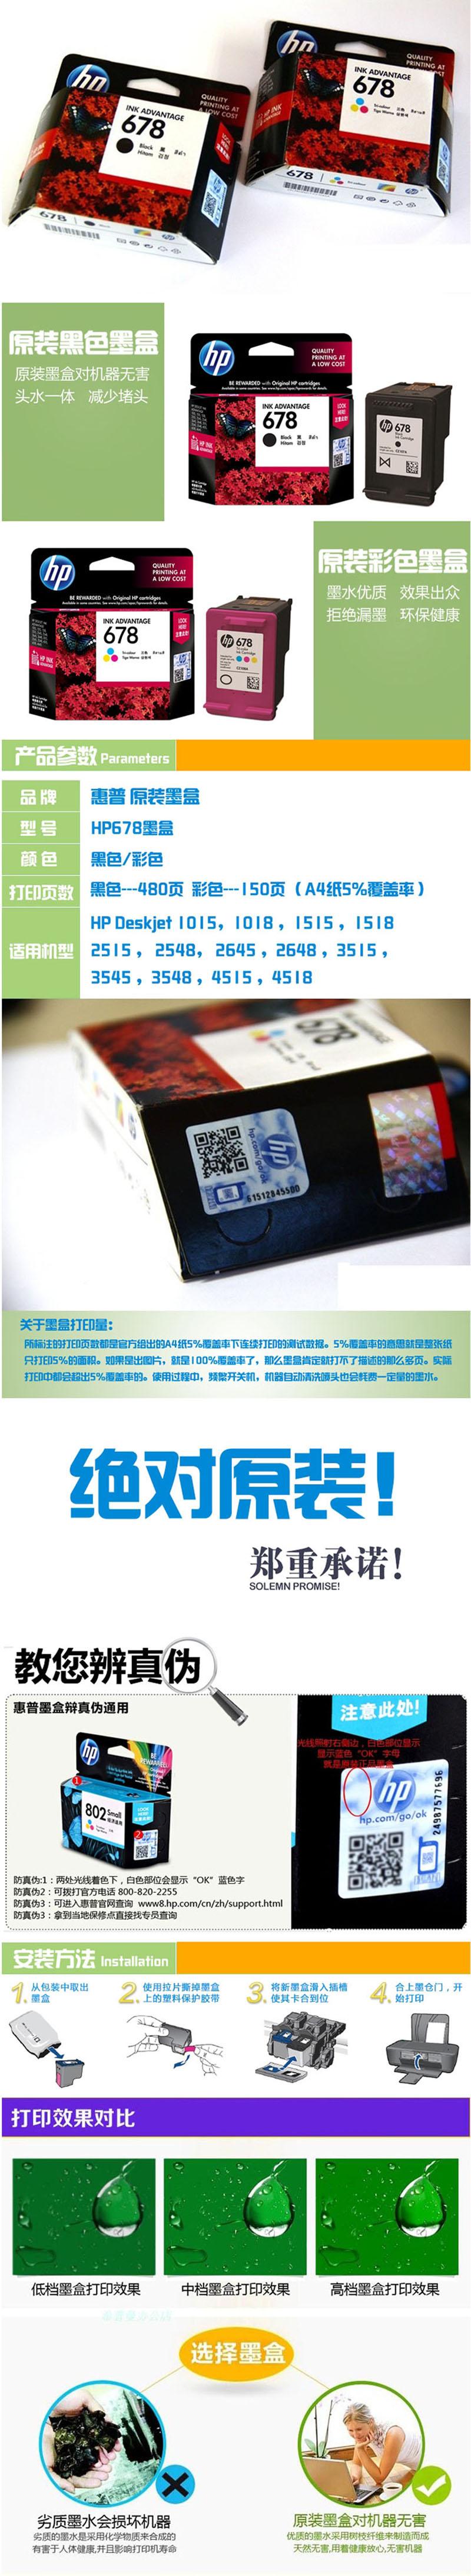 惠普 CZ108AA 678号原装墨盒彩色 适用于HP Deskjet1018/1518/2548/3548/4518